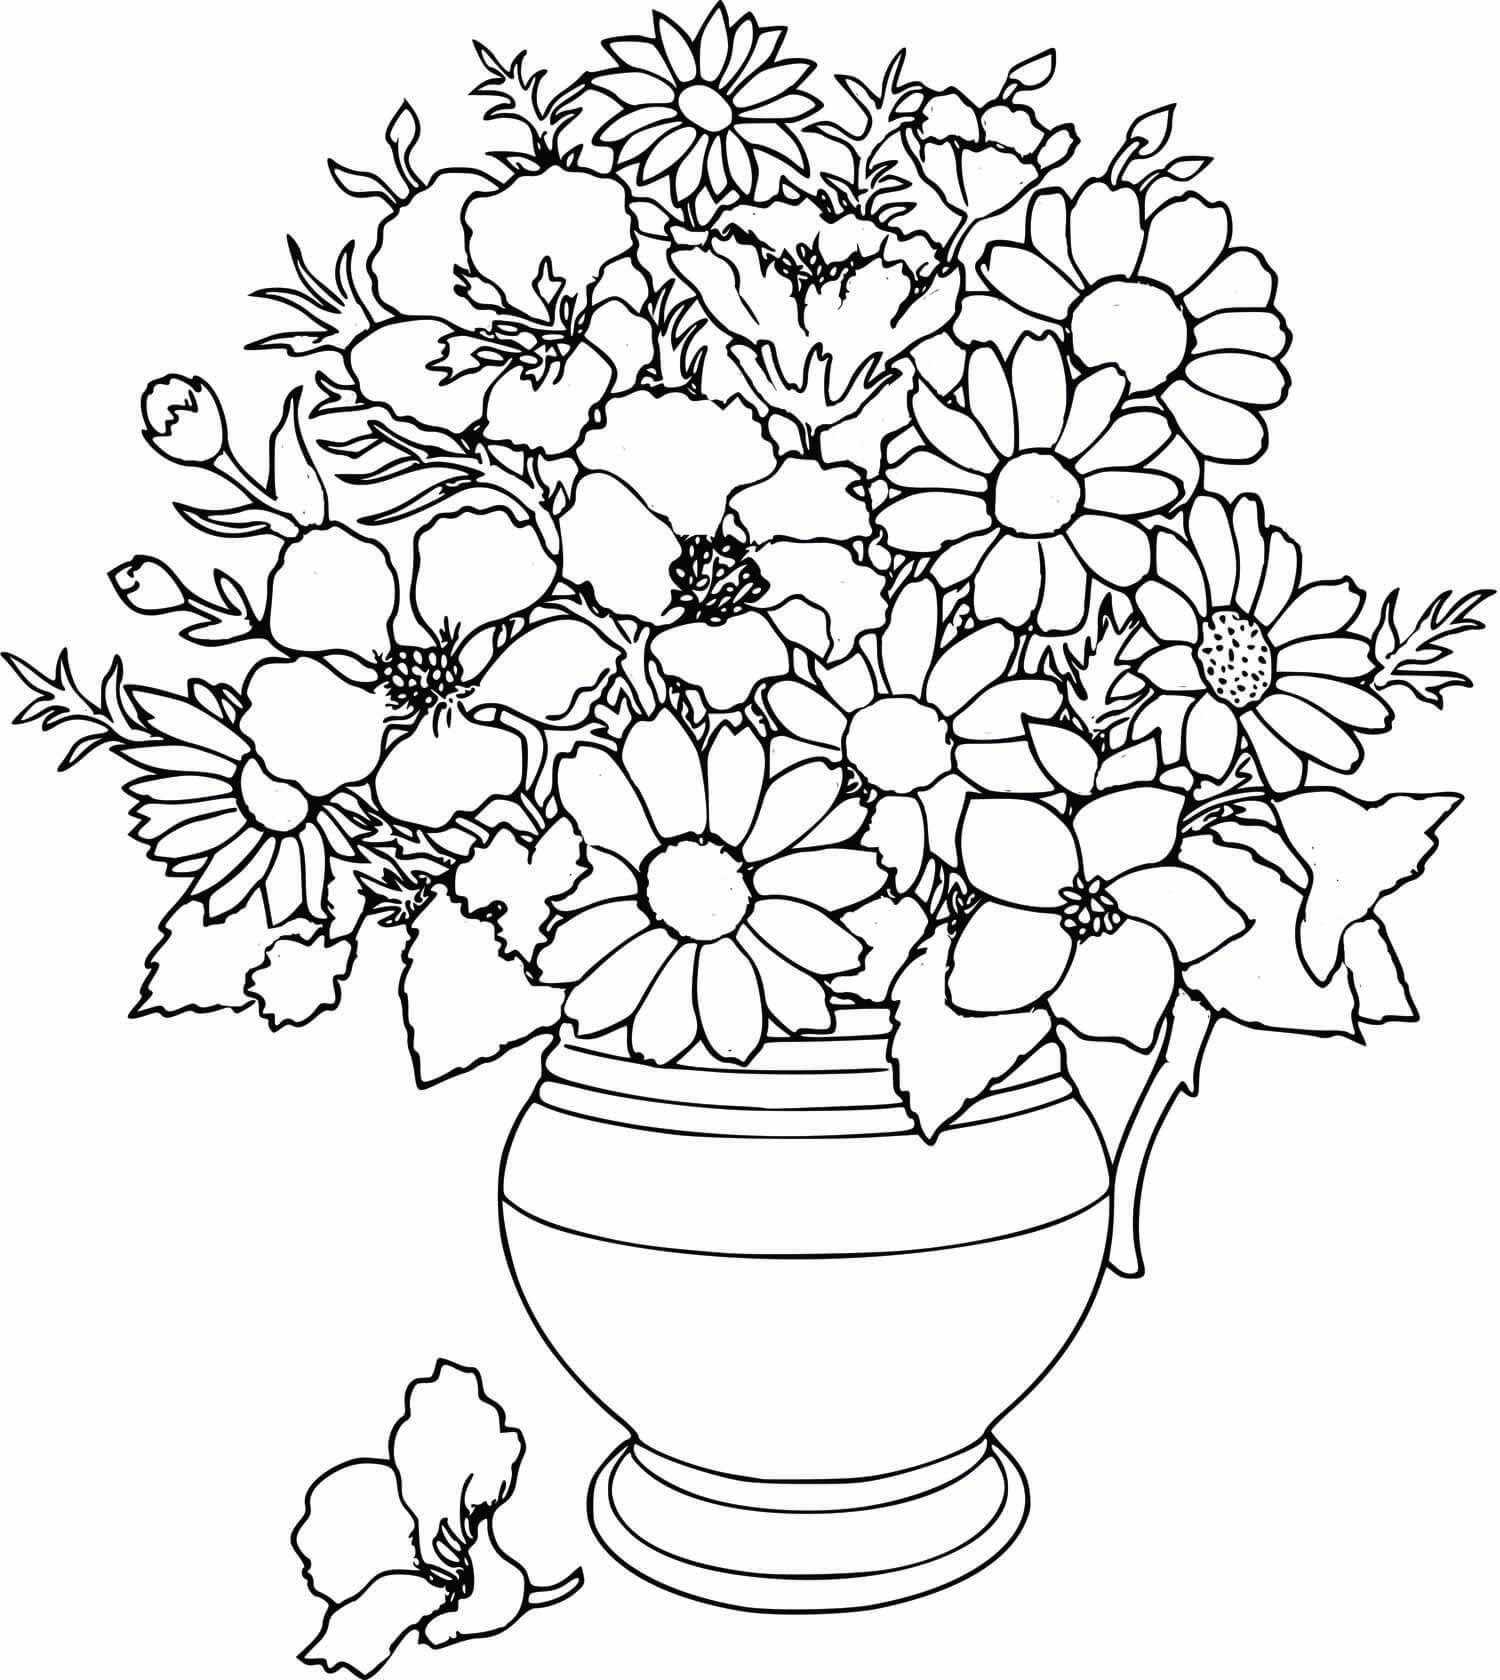 Раскраски для девочек распечатать бесплатно цветы - 2